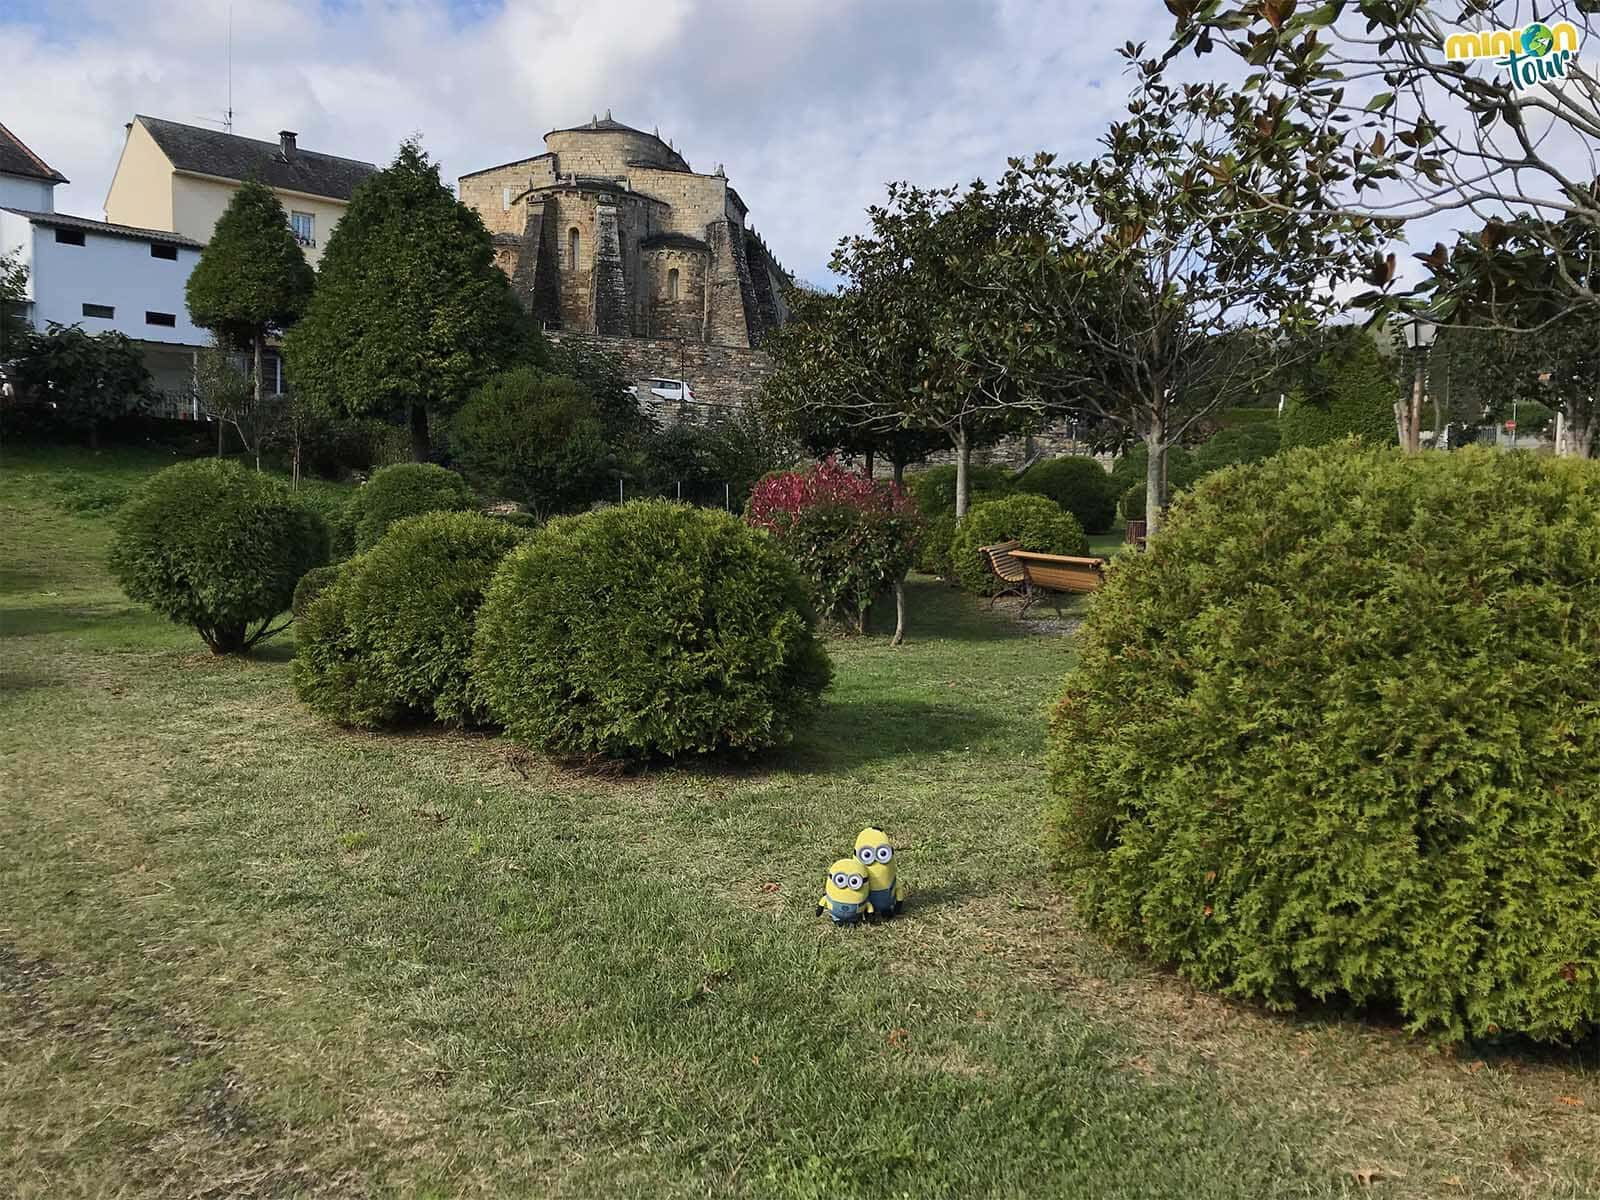 Cerca de la iglesia románica de San Martín de Mondoñedo hay un parquecito muy chulo